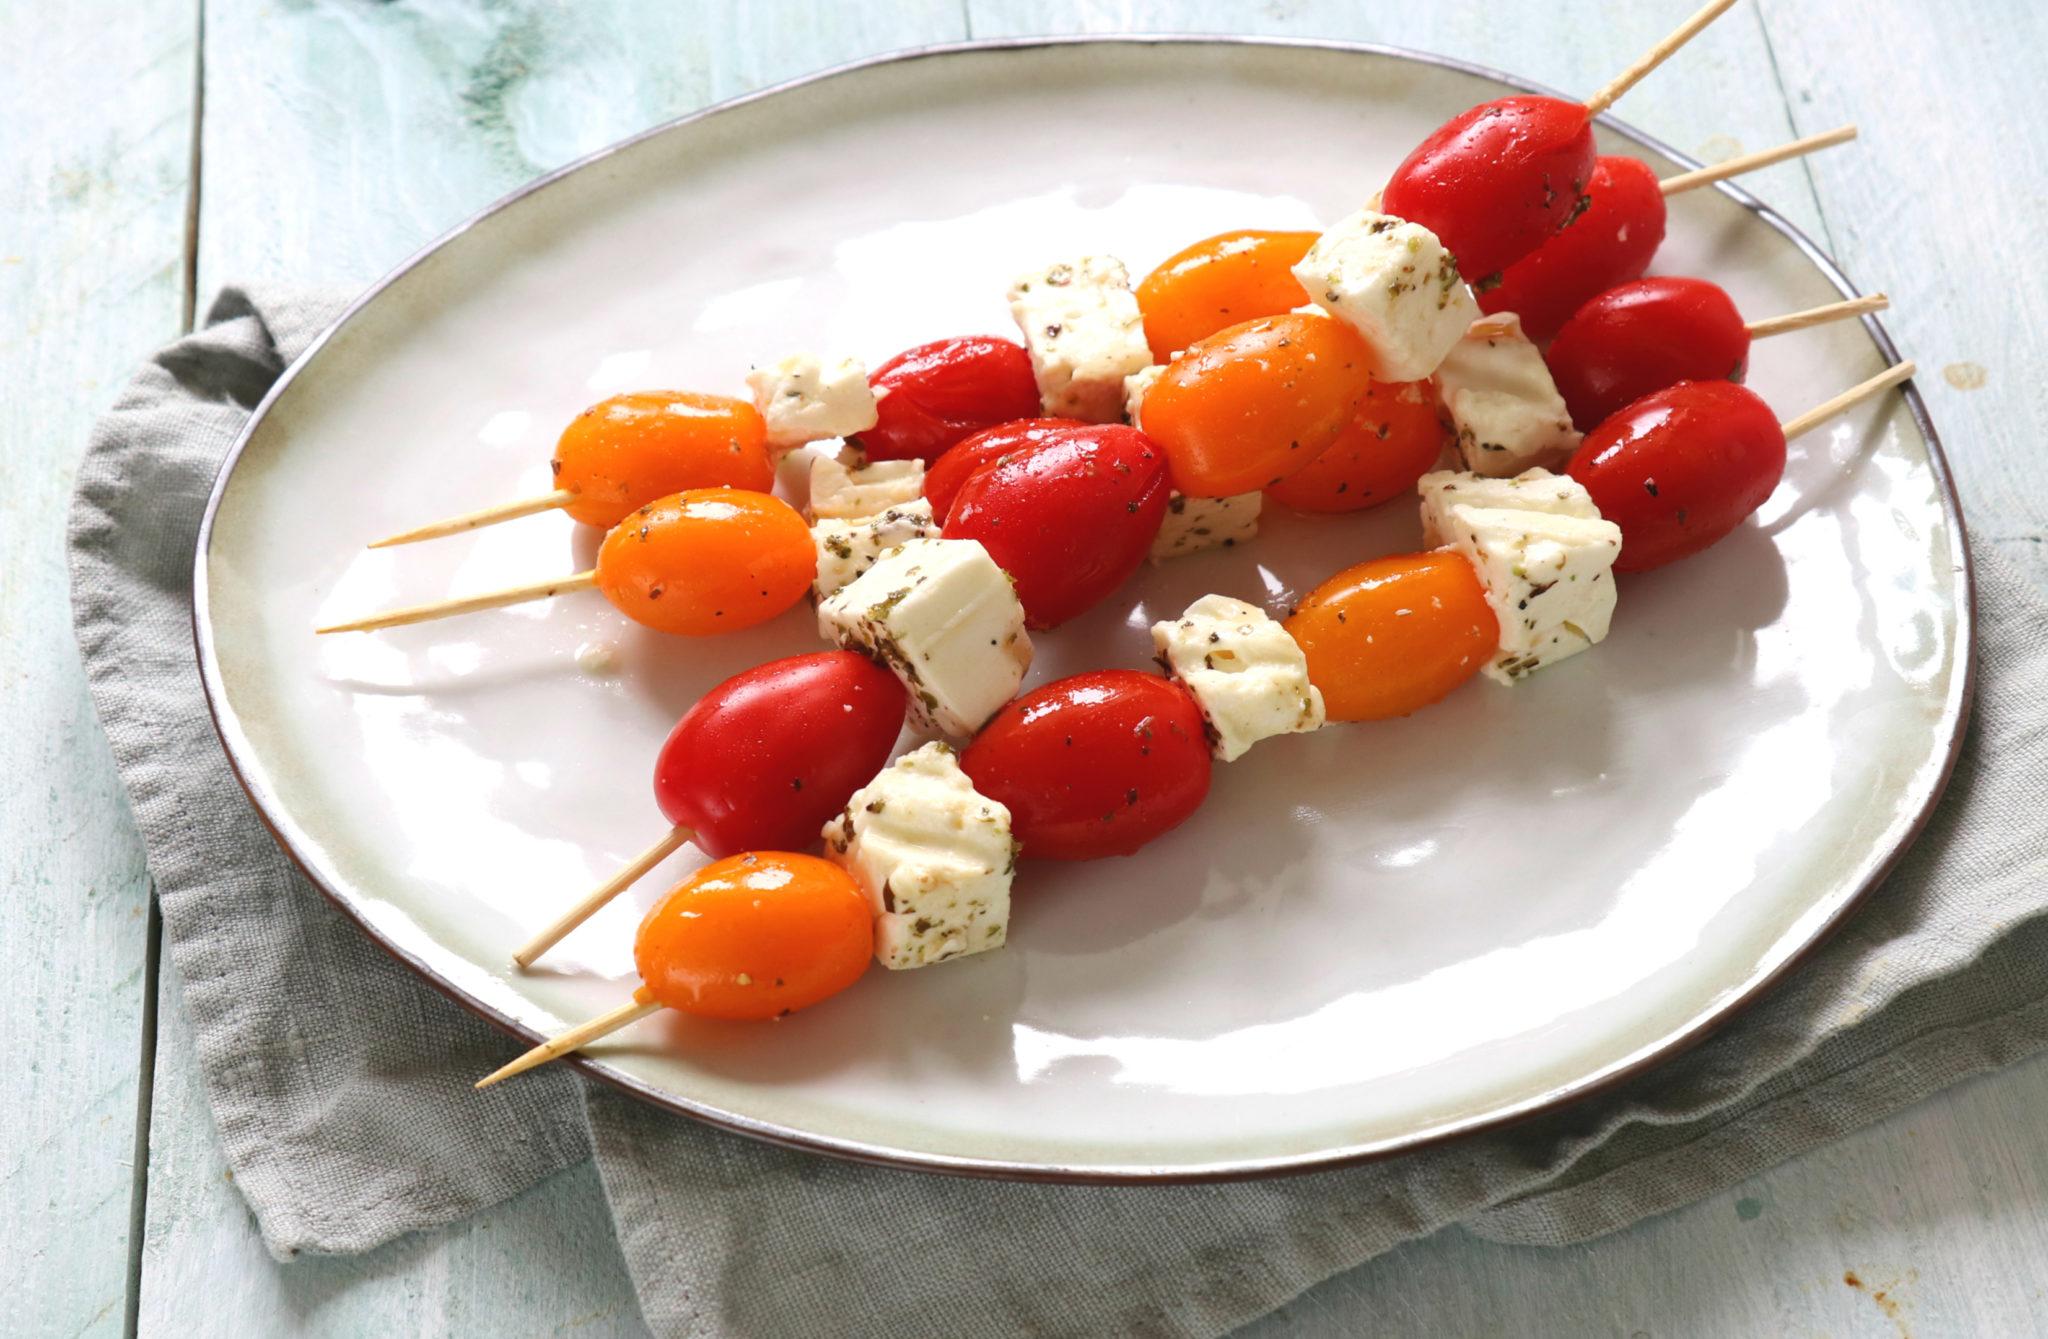 Cherrytomaat en feta BBQ spies www.jaimyskitchen.nl